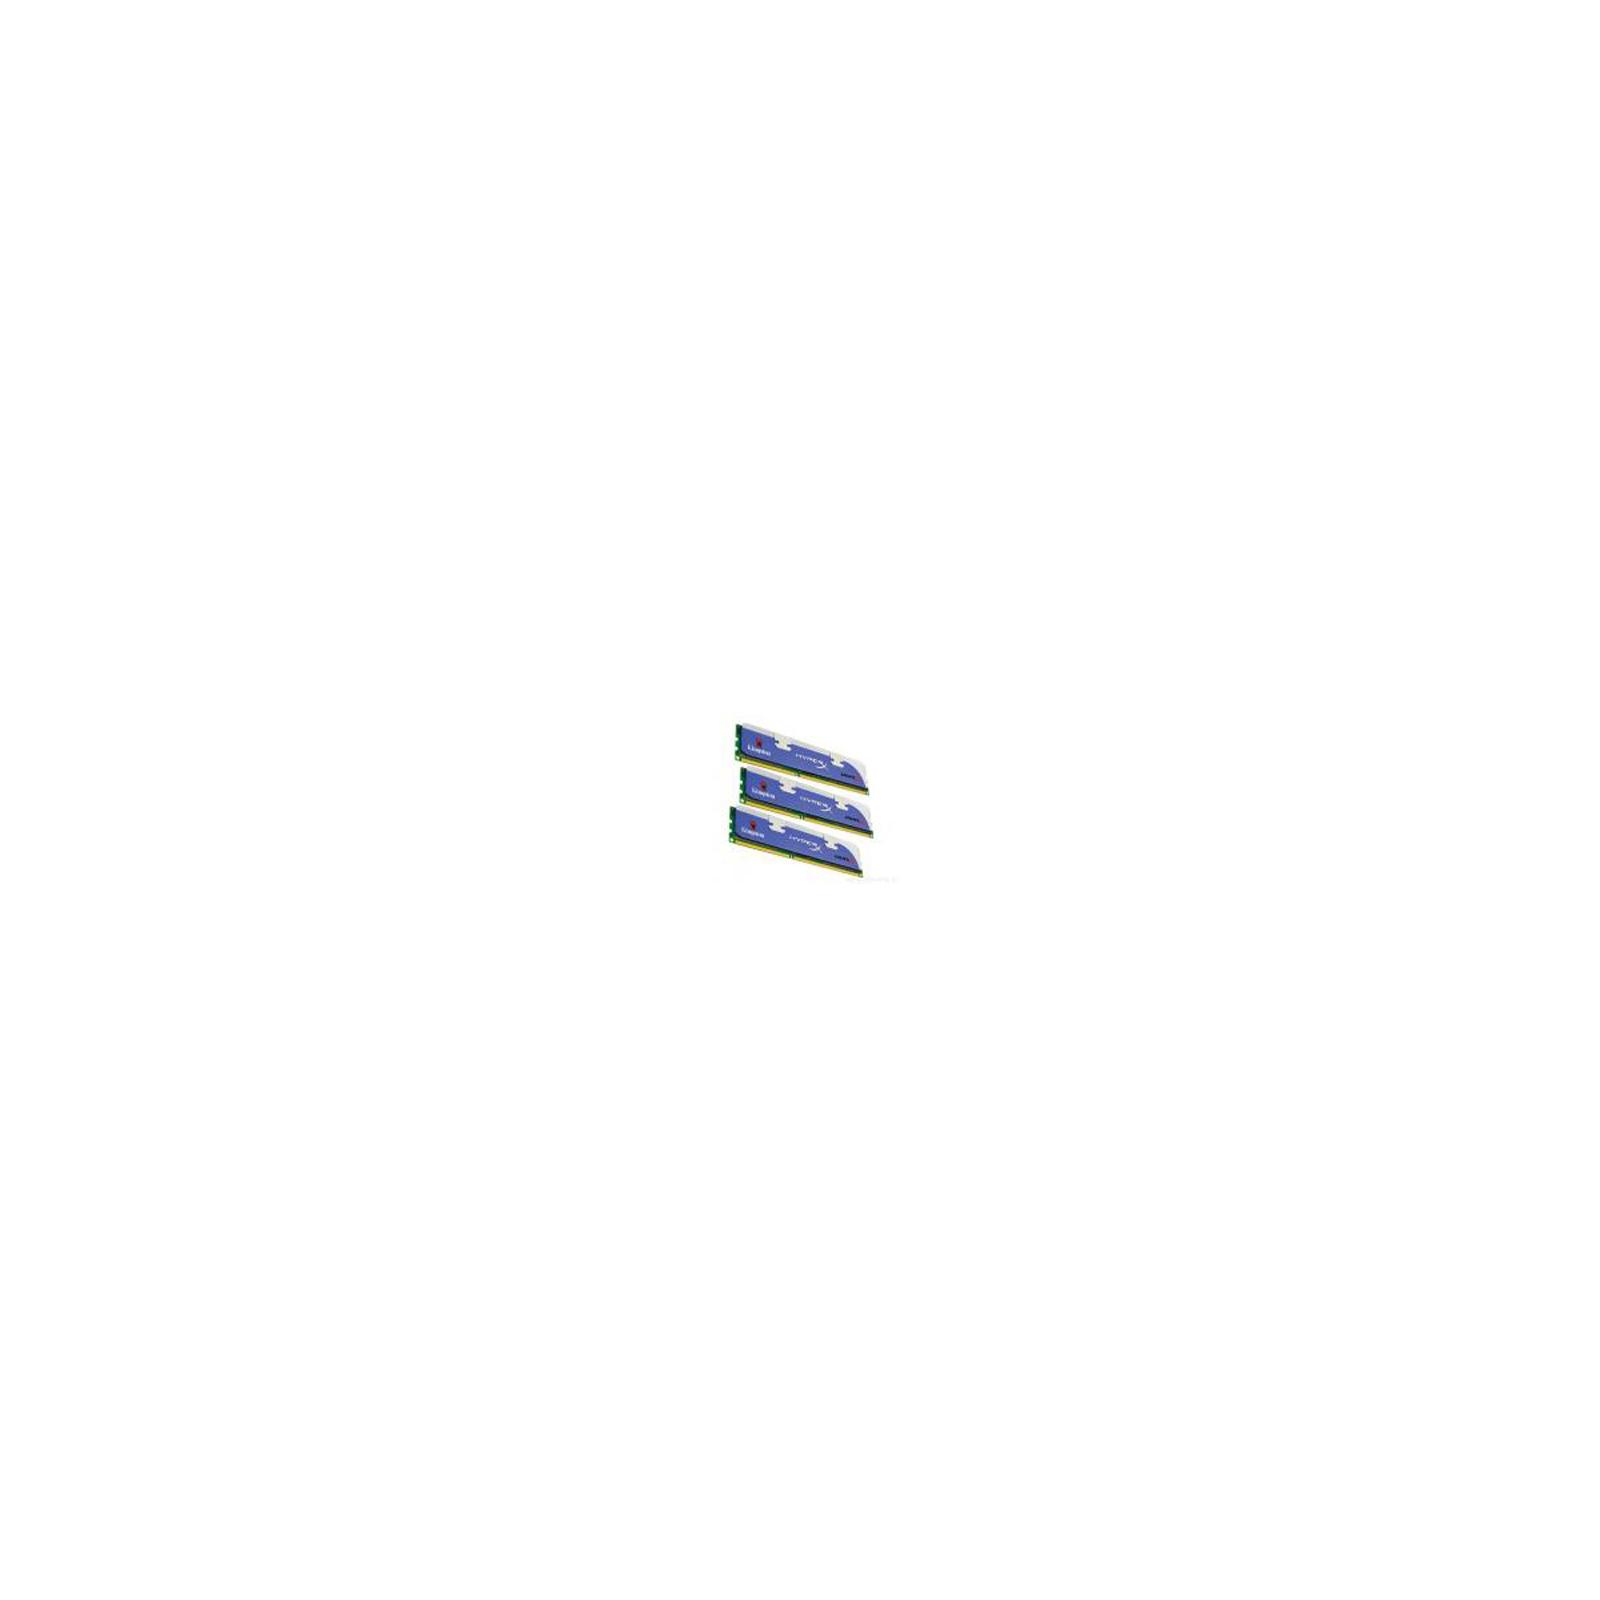 Модуль памяти для компьютера DDR3 6GB (3x2GB) 1600 MHz Kingston (KHX1600C9D3K3/6GX)